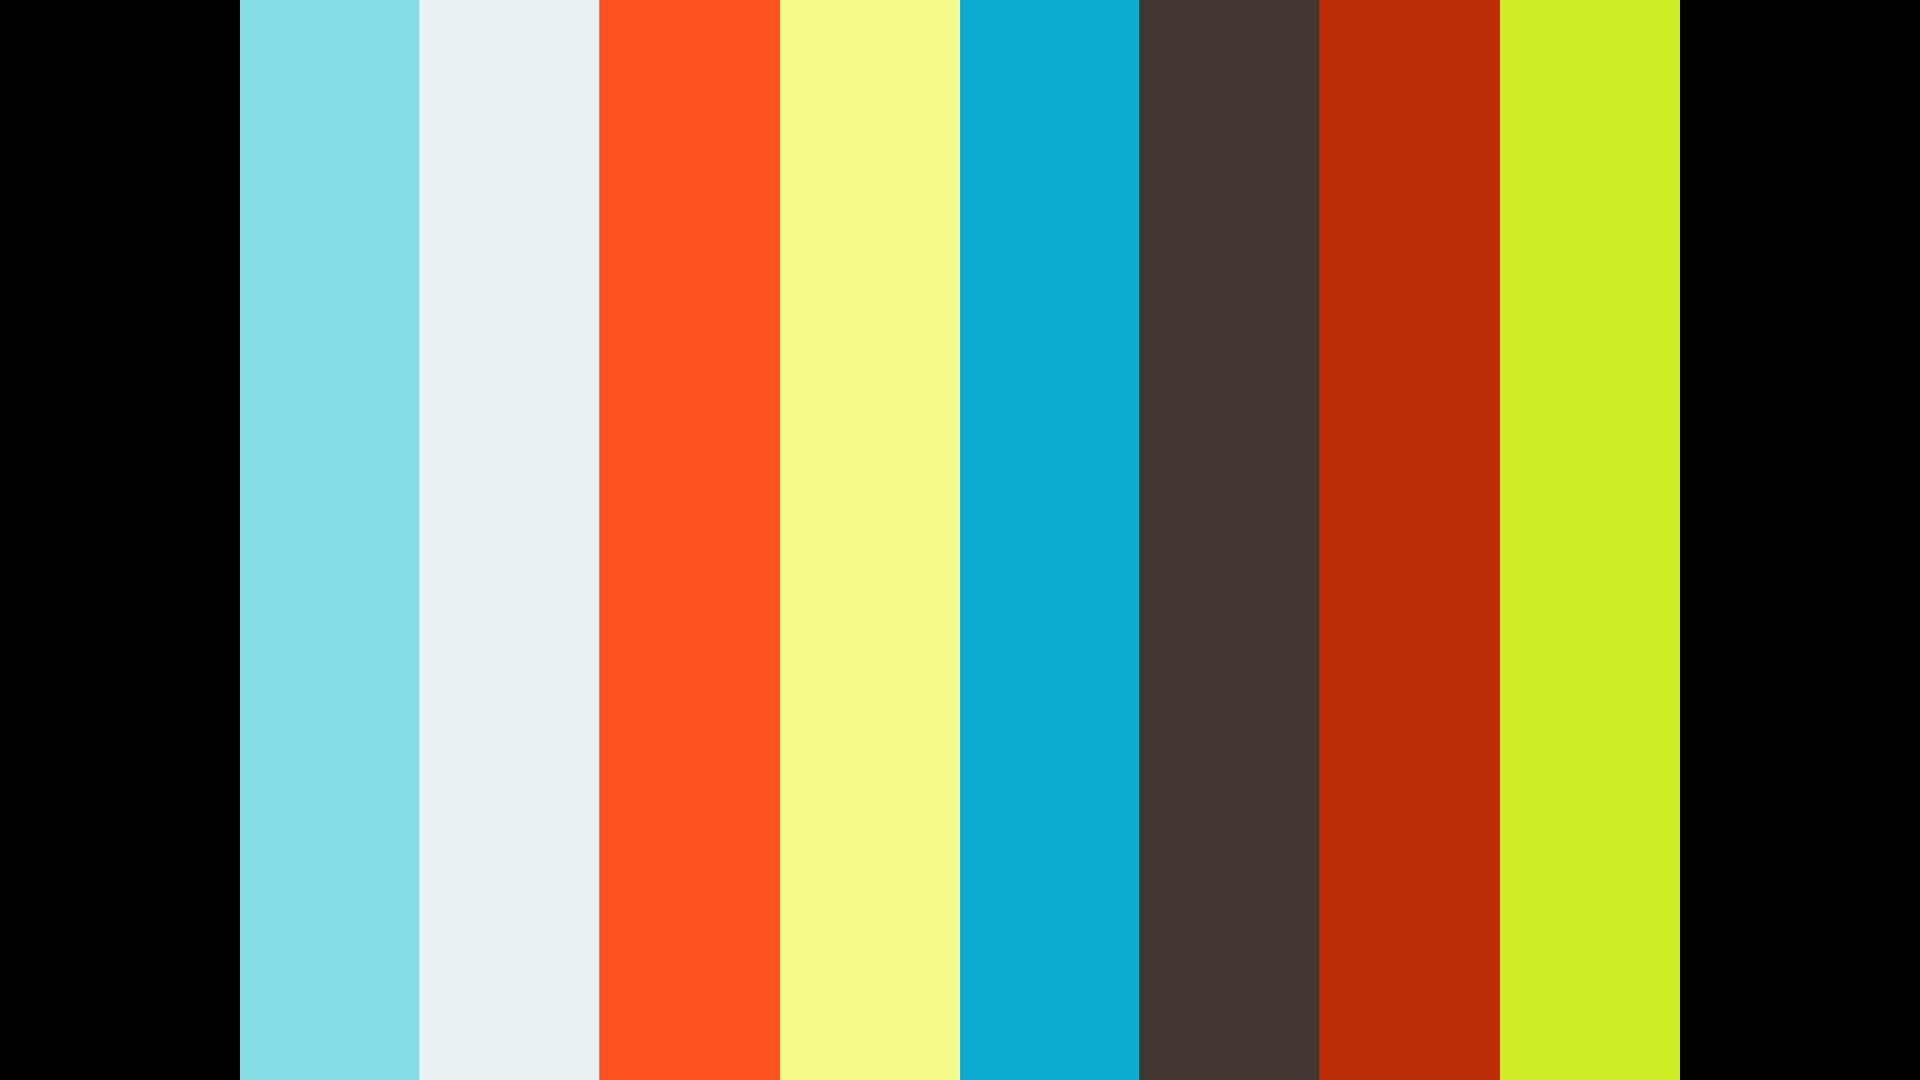 <p><u>Schlafzimmer-Programm Cadore</u><br /> Nat&uuml;rlich trifft Modern: Die urige Wildeiche mit ihrer charakteristischen Maserung wirkt lebendig und passt hervorragend zu den Griffen aus schwarzem Metall. Details wie die dekorativen Kissenrollen am Kopfteil runden das Design perfekt ab. Der gro&szlig;e Typenplan enth&auml;lt ein umfassendes Beim&ouml;belprogramm. Und das alles nachhaltig und in Deutschlad produziert!</p>